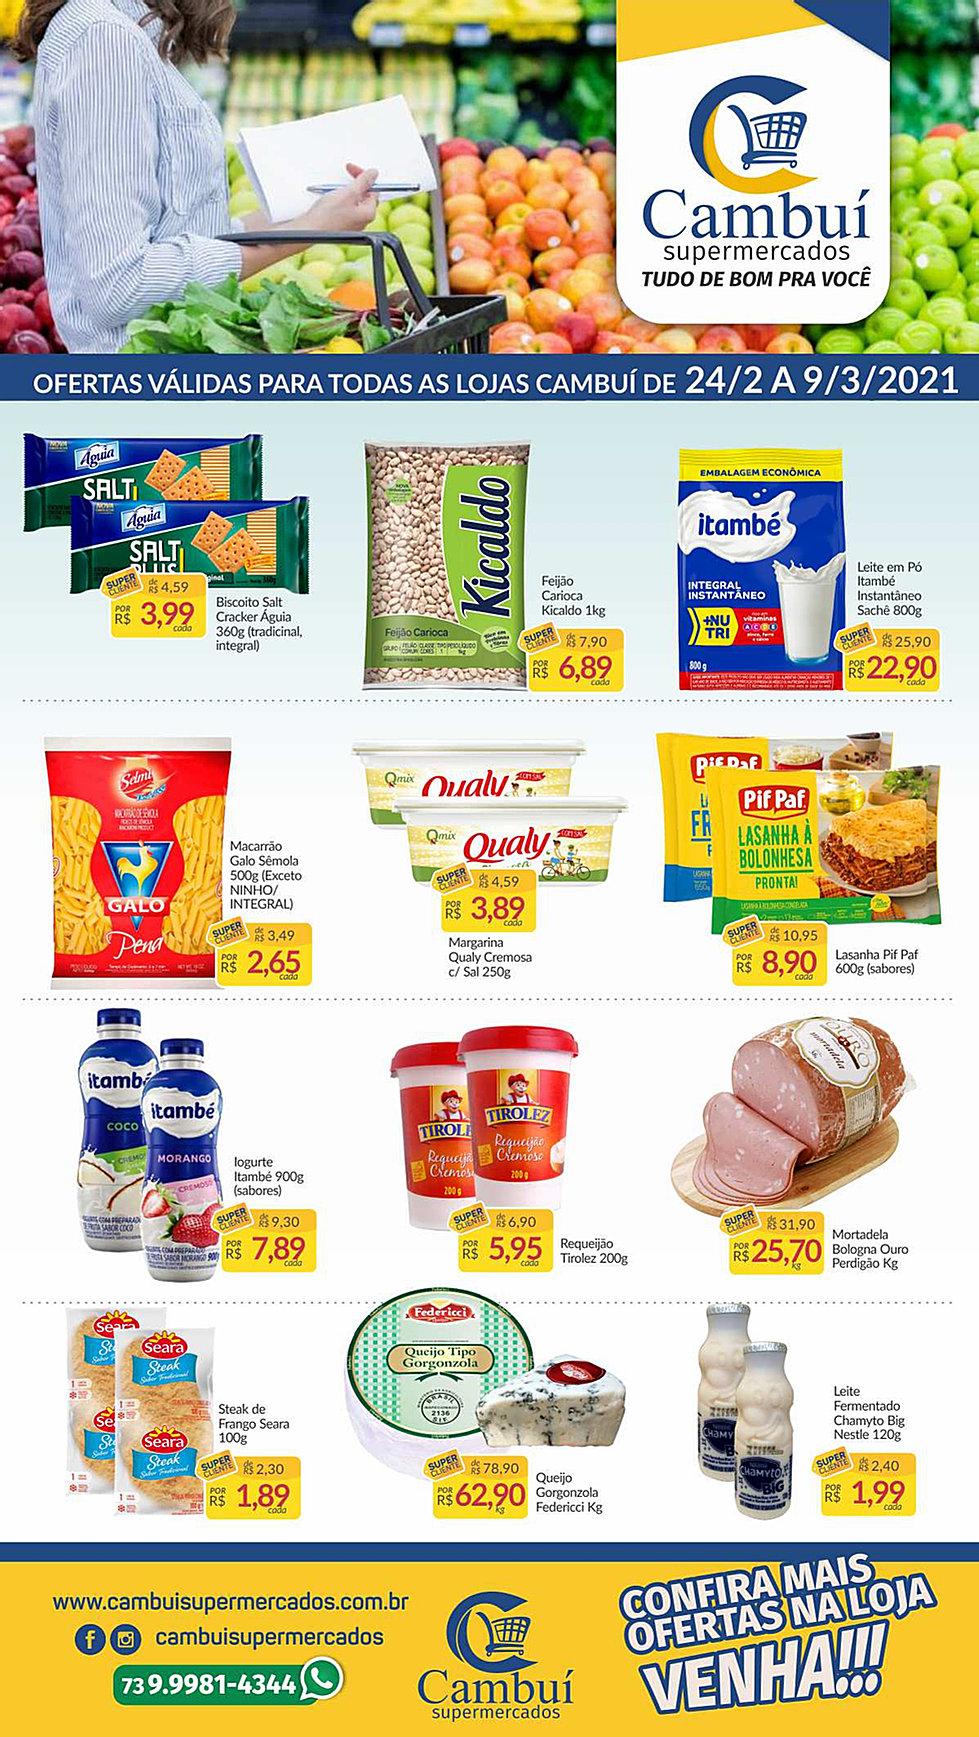 cambui supermercados catalogo de ofertas 24/2 A 09/ 03/2021